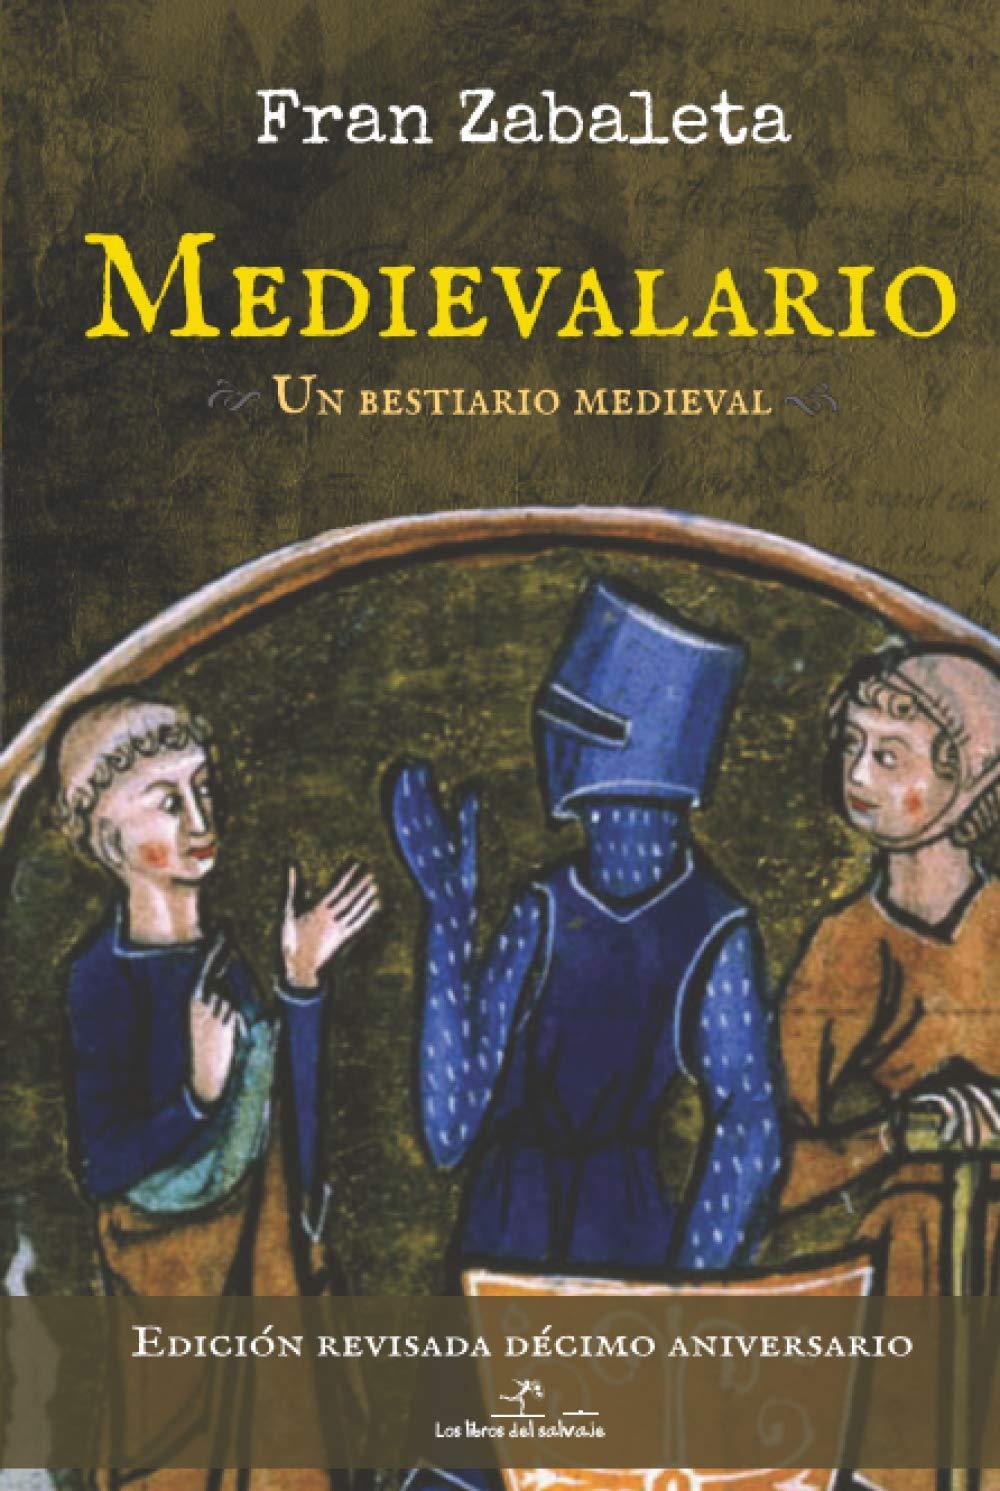 Medievalario, un bestiario medieval. Edición especial décimo aniversario Book Cover